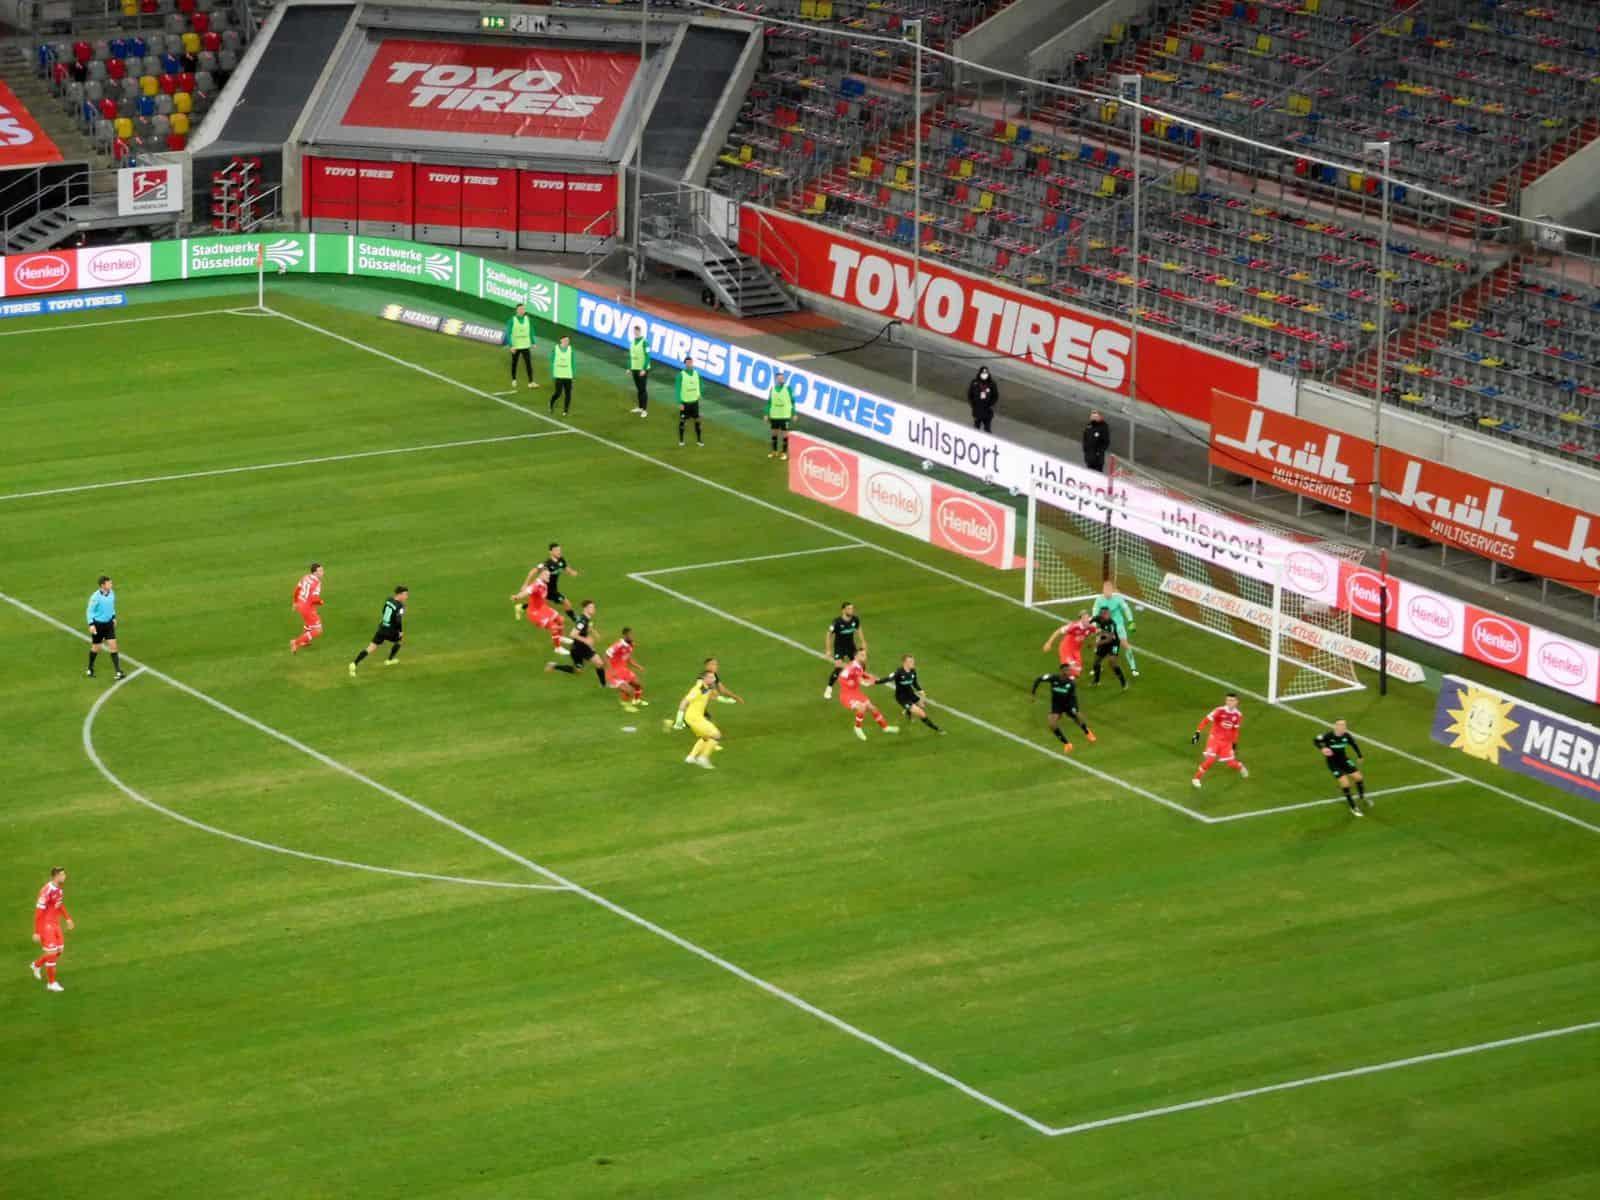 F95 vs Fürth: Die Szene vor dem 3:3 mit Kastenmeier im Zentrum